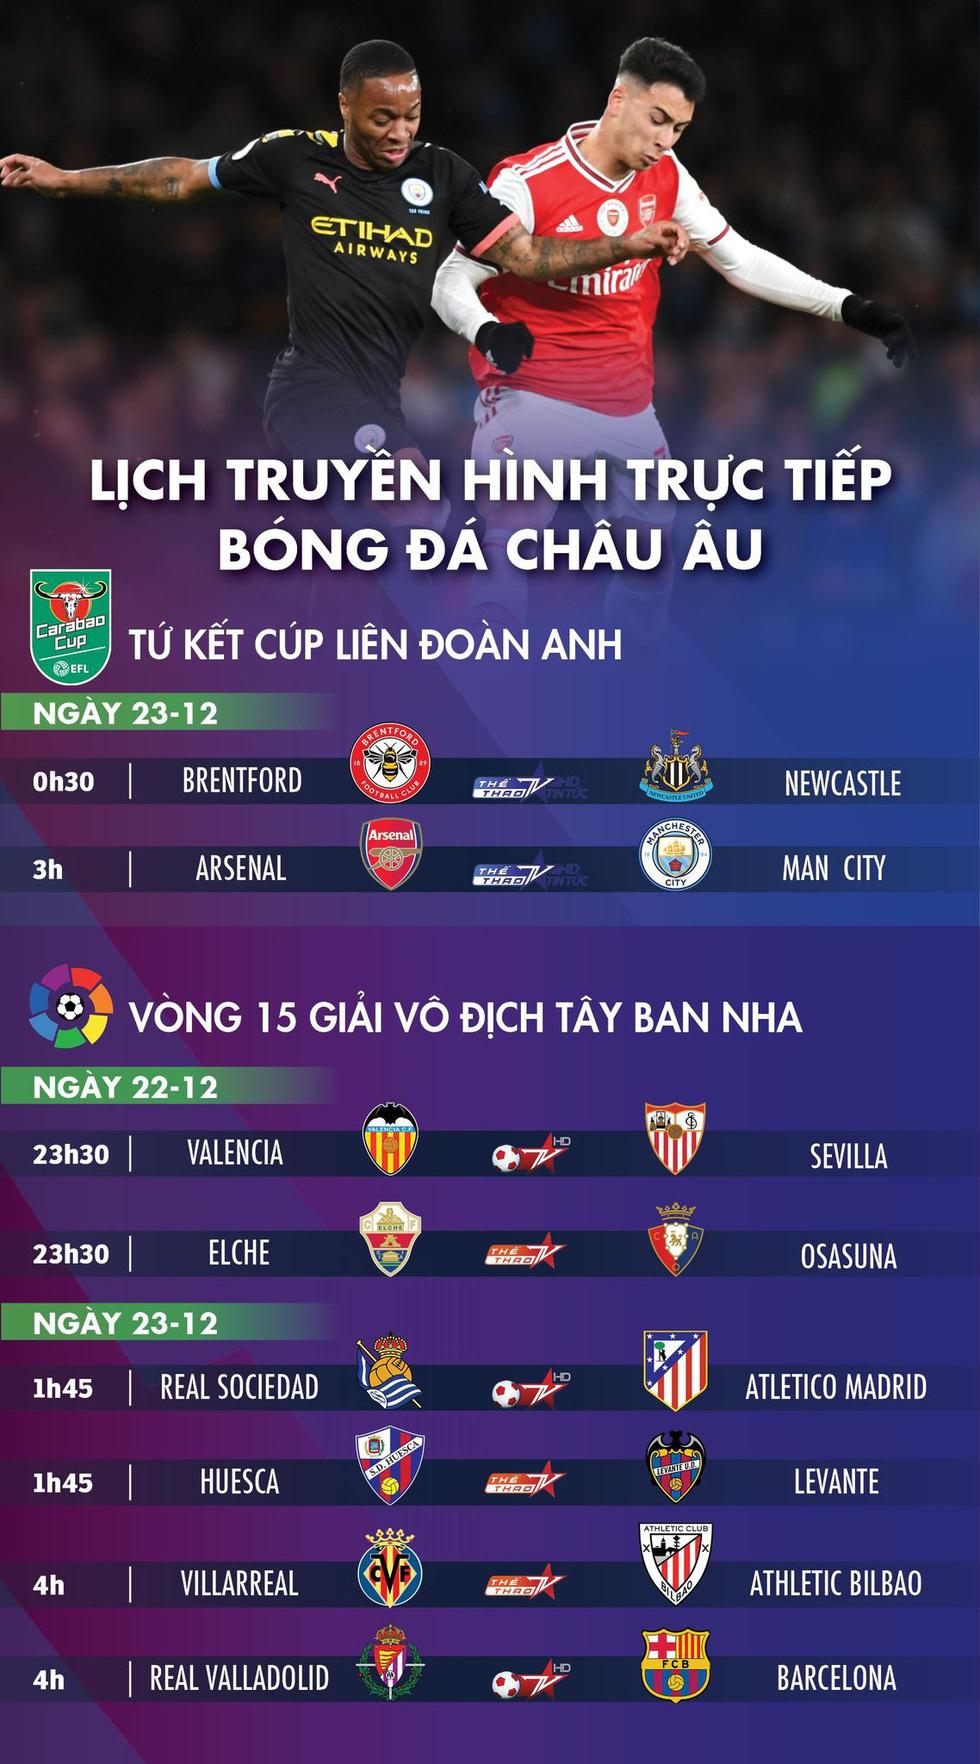 Lịch trực tiếp bóng đá châu Âu 23-12: Arsenal gặp Man City, Barca và Atletico Madrid ra sân - Ảnh 1.